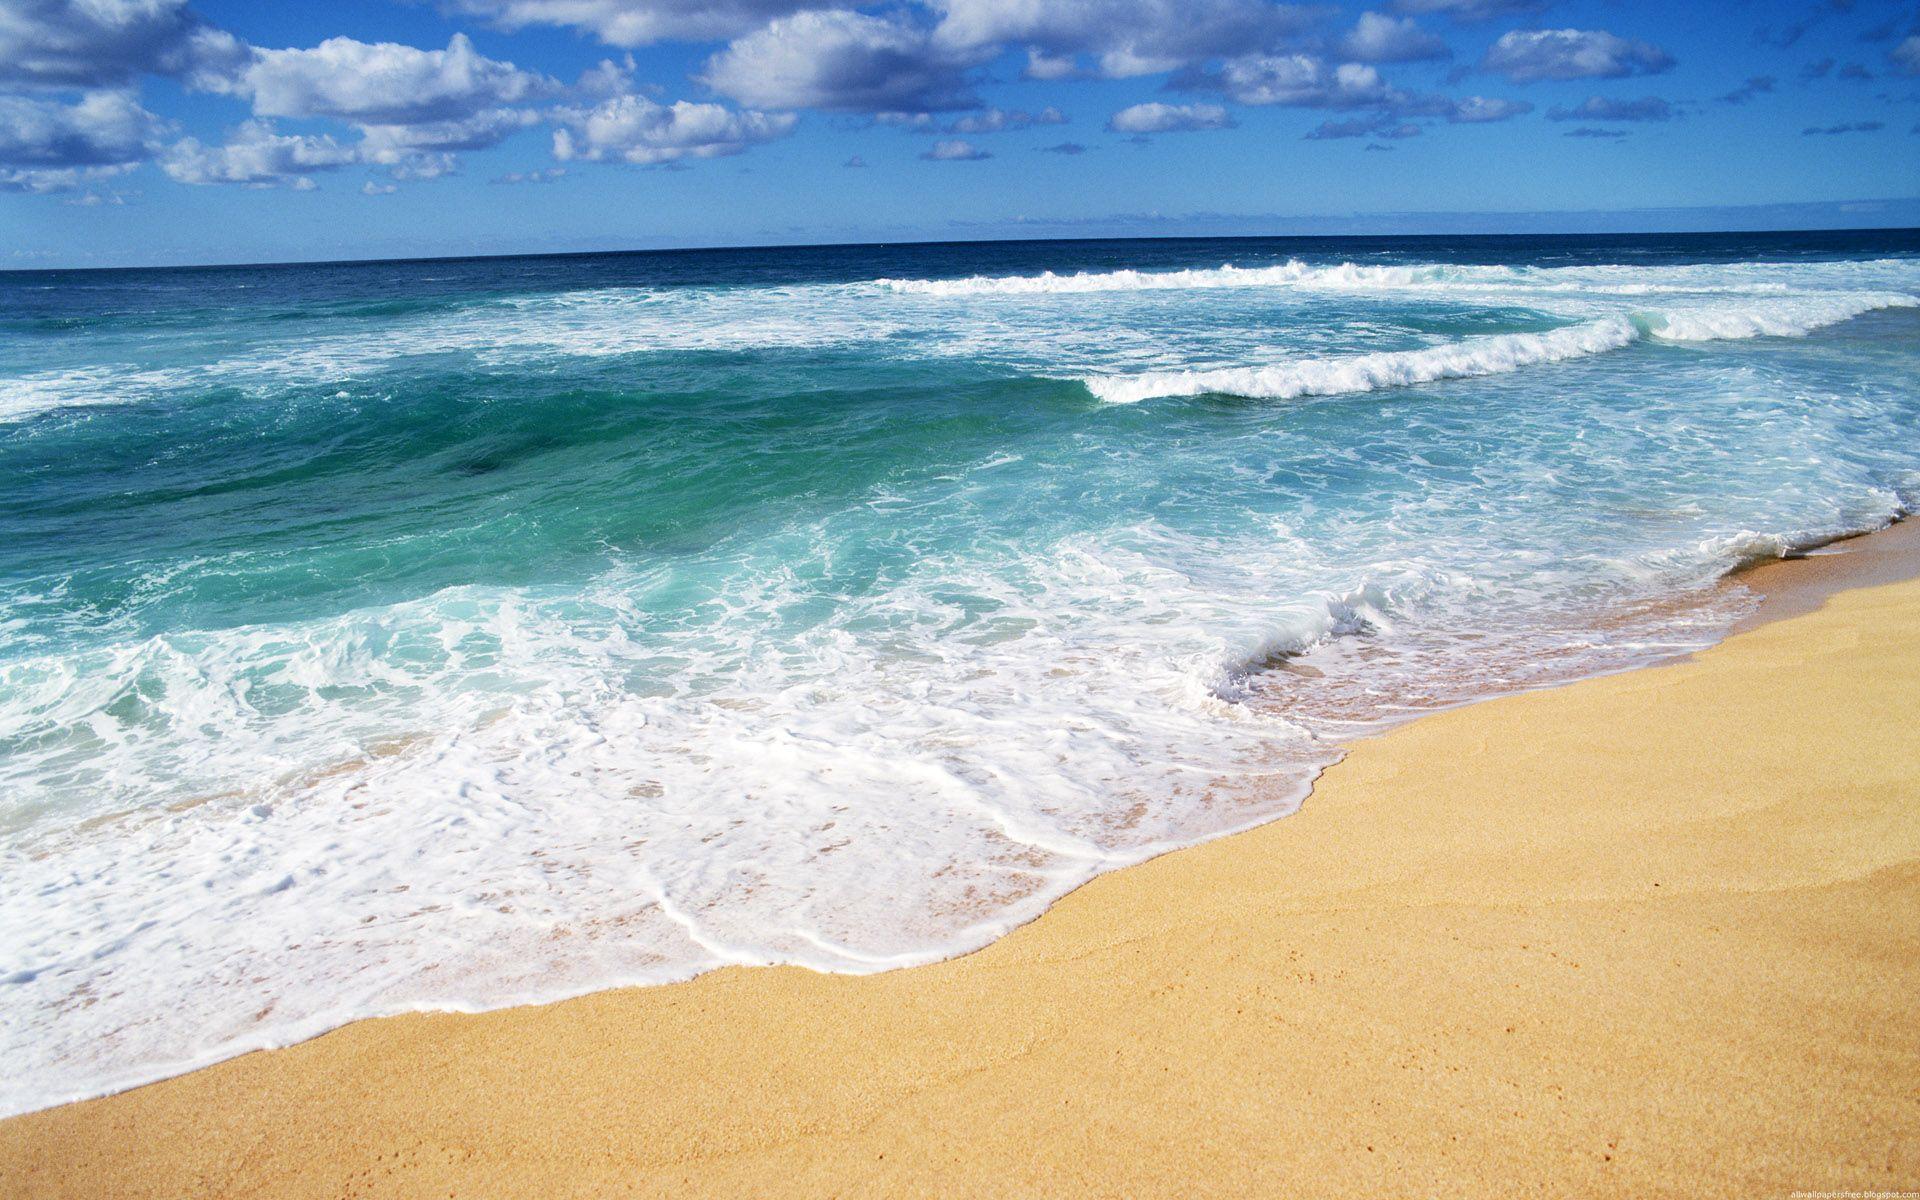 Обои на рабочий стол пляж песок море